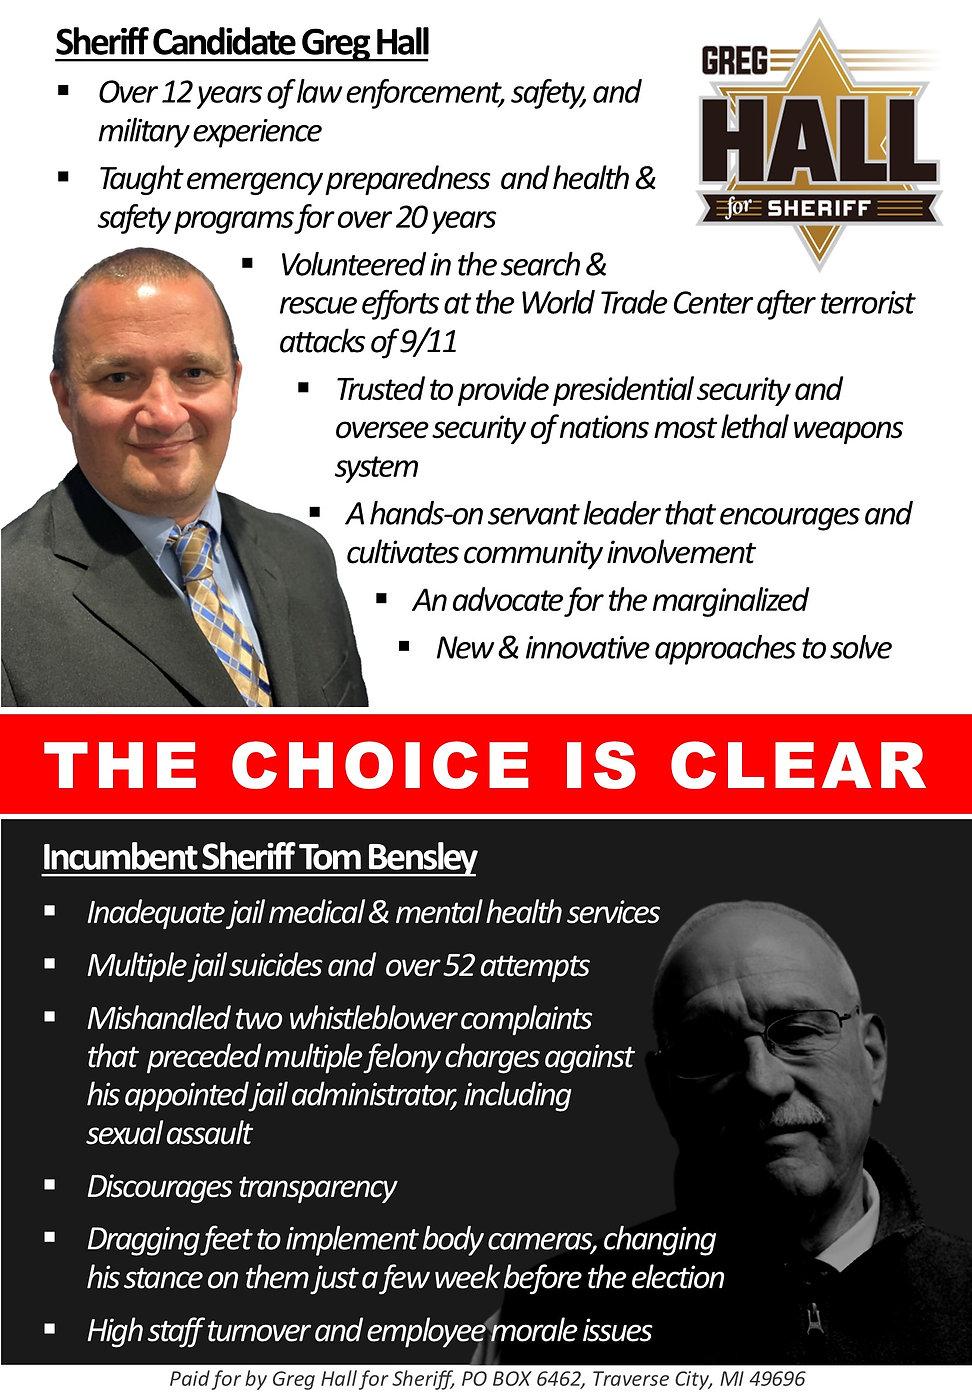 The Choice is Clear 3.jpg